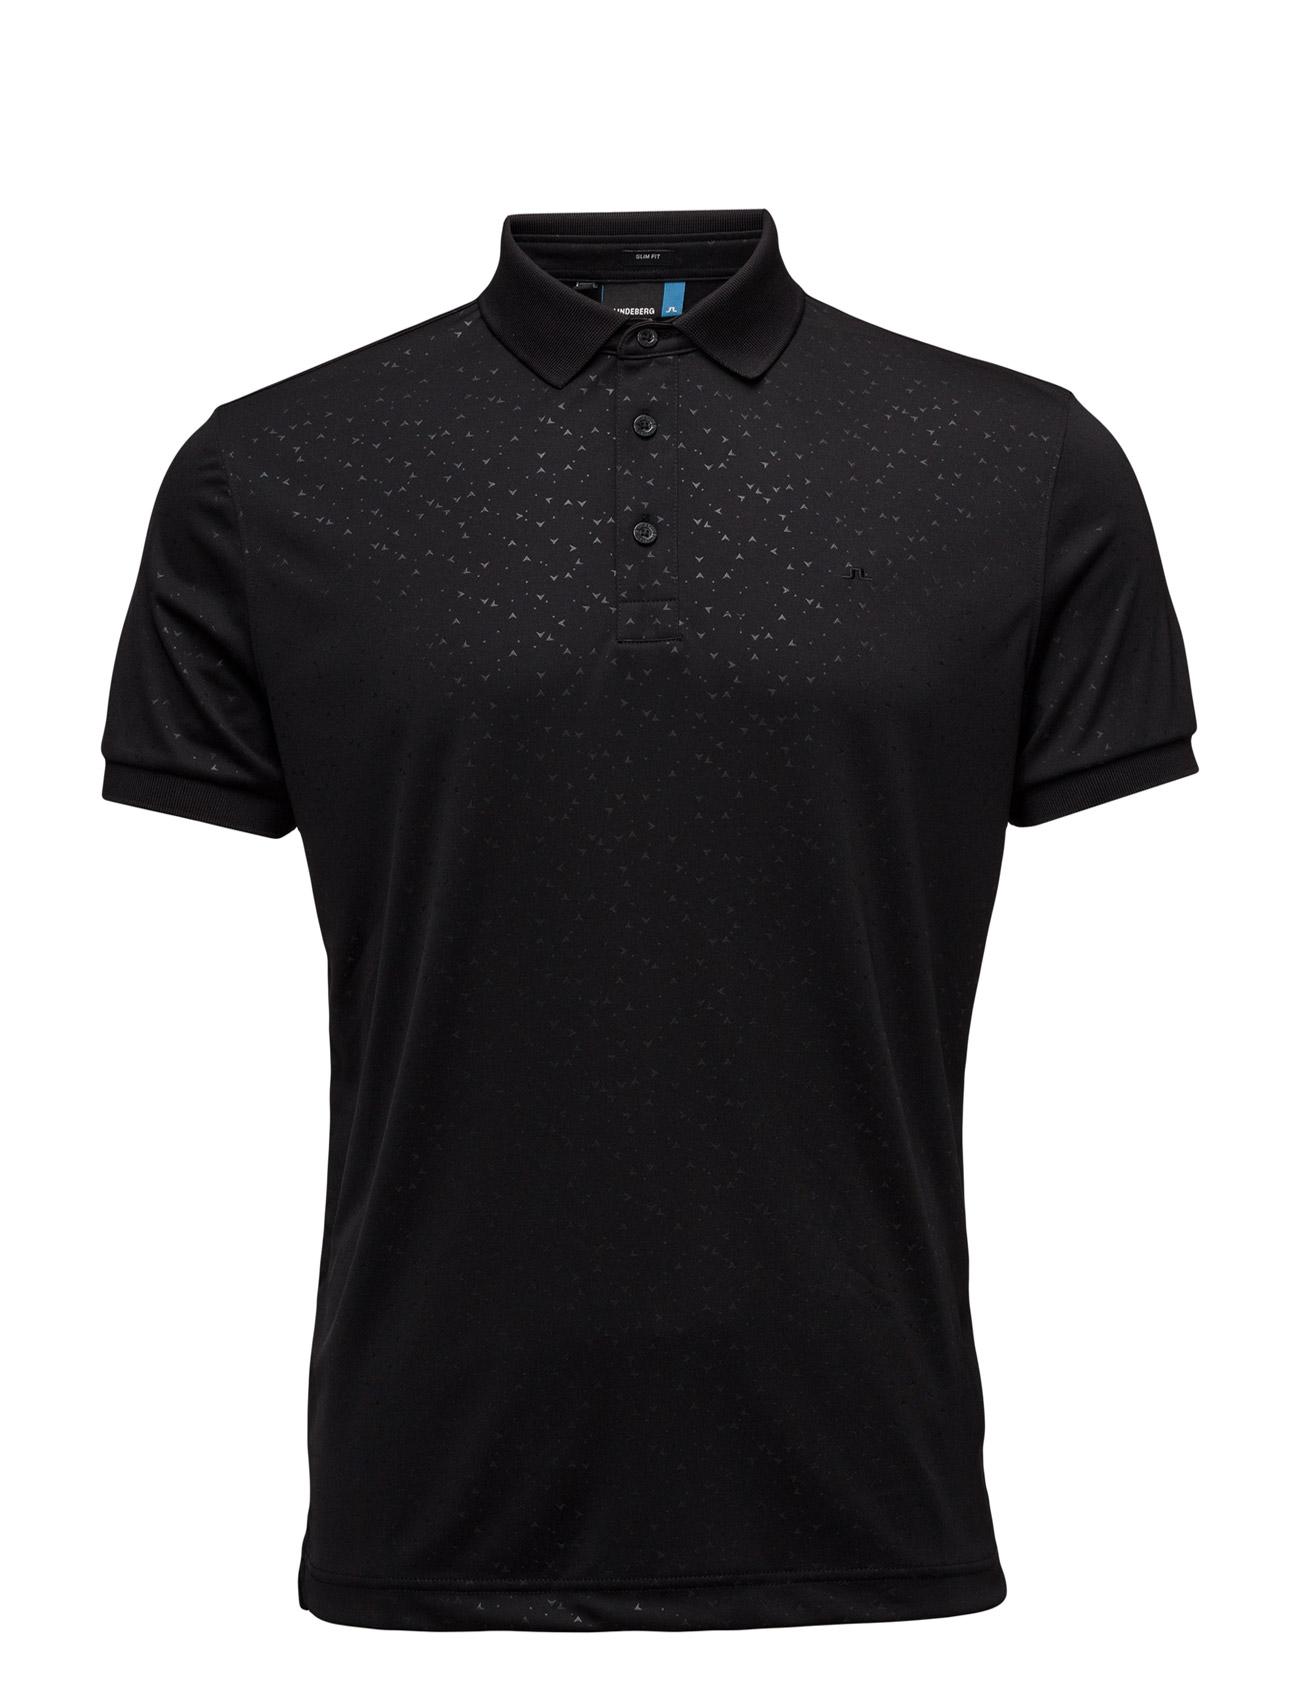 j. lindeberg golf – M david slim tx jersey på boozt.com dk